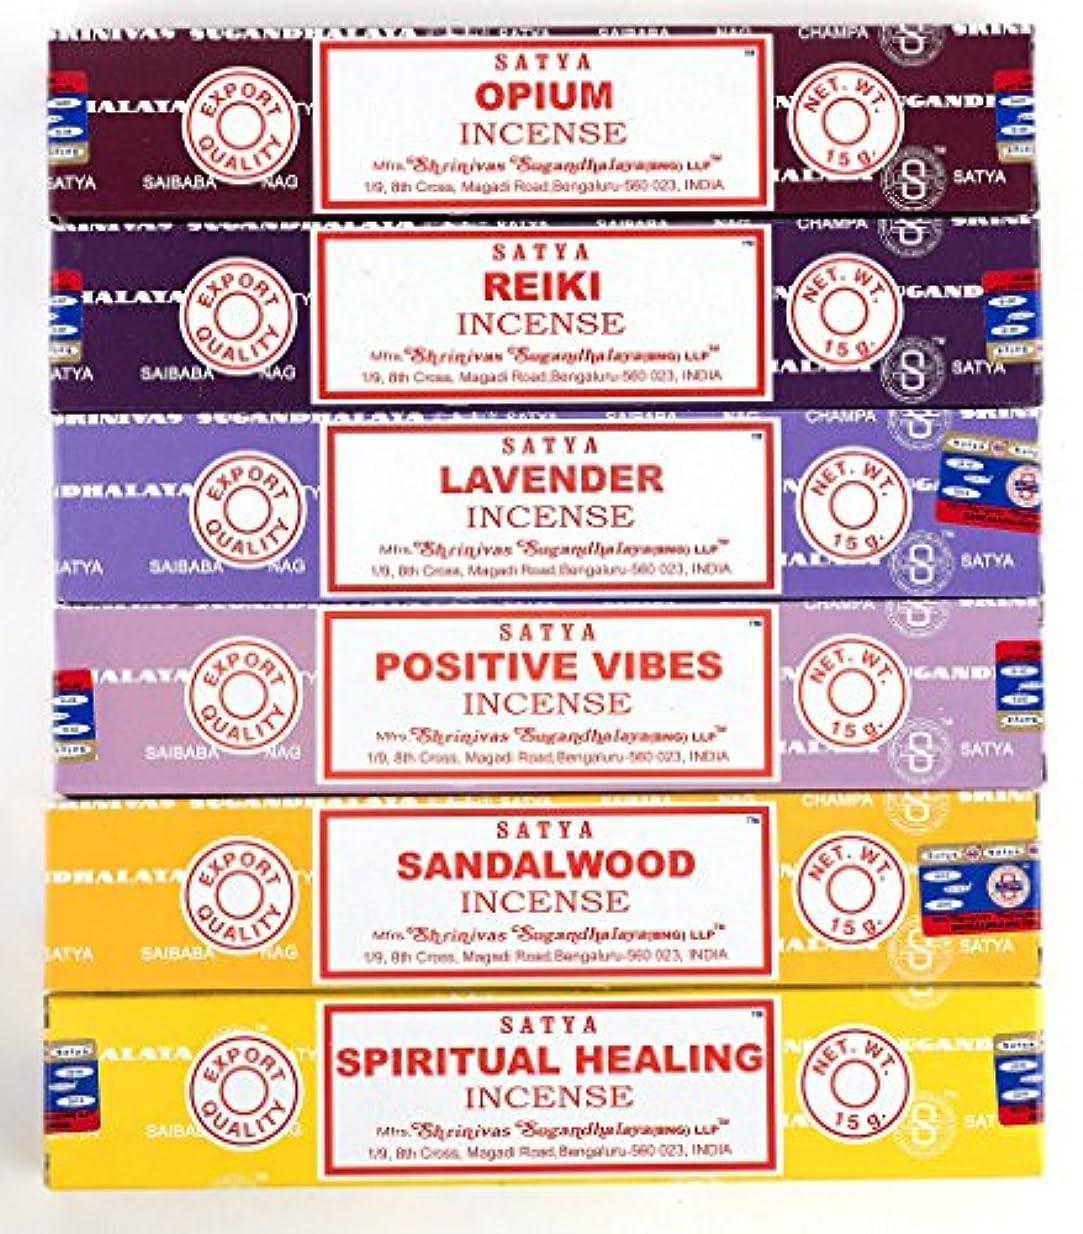 立証するストライク無謀Nag Champa 6 Piece Variety Pack – Opium、レイキ、ラベンダー、Positive Vibes、サンダルウッド、Spiritual Healing